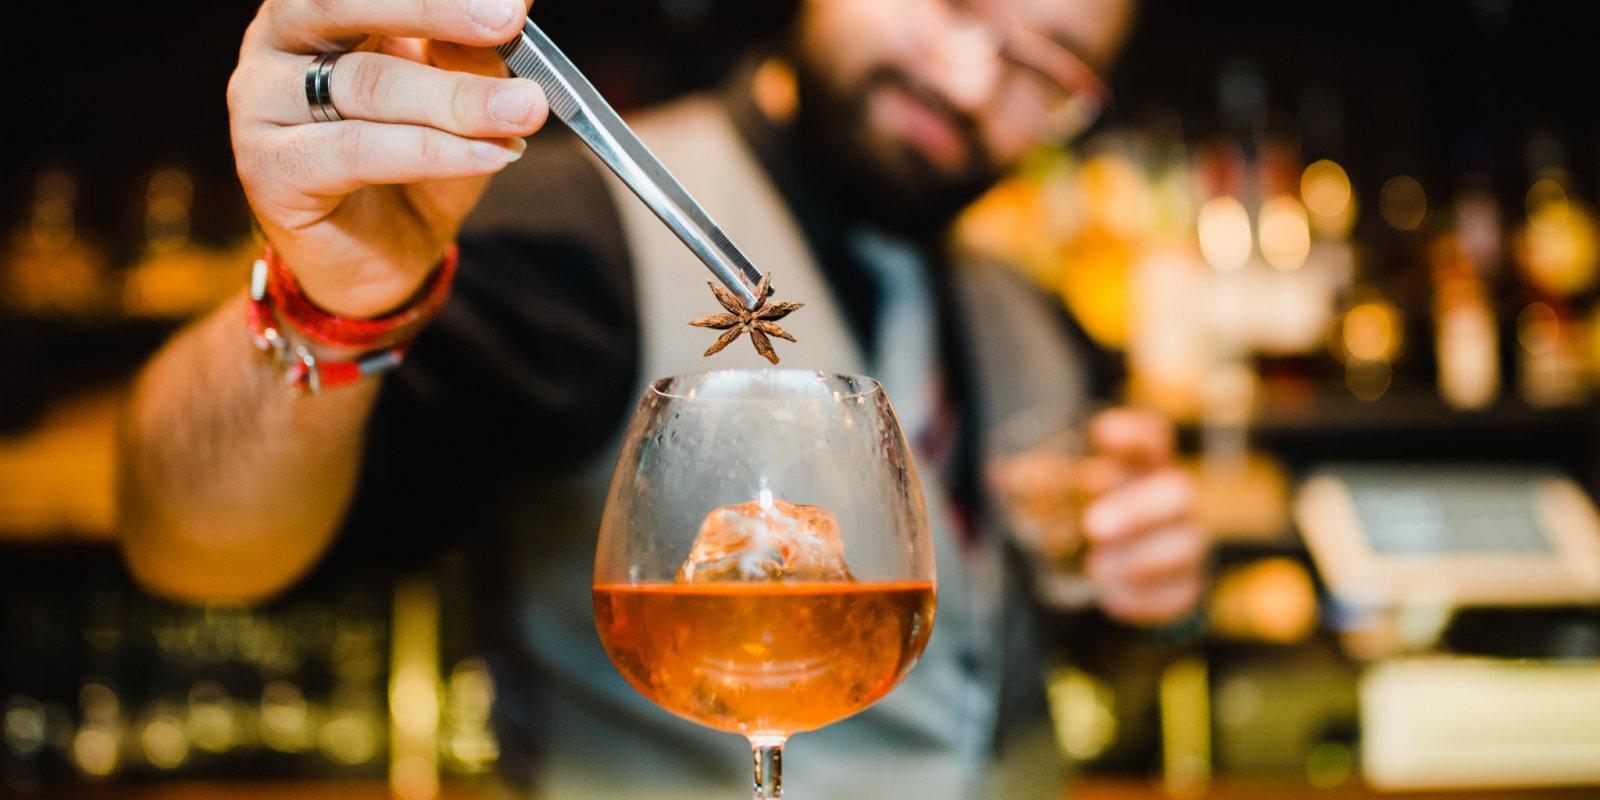 Пройти естественный отбор: как рижанин Денис Петров открыл успешный коктейль-бар в Лондоне